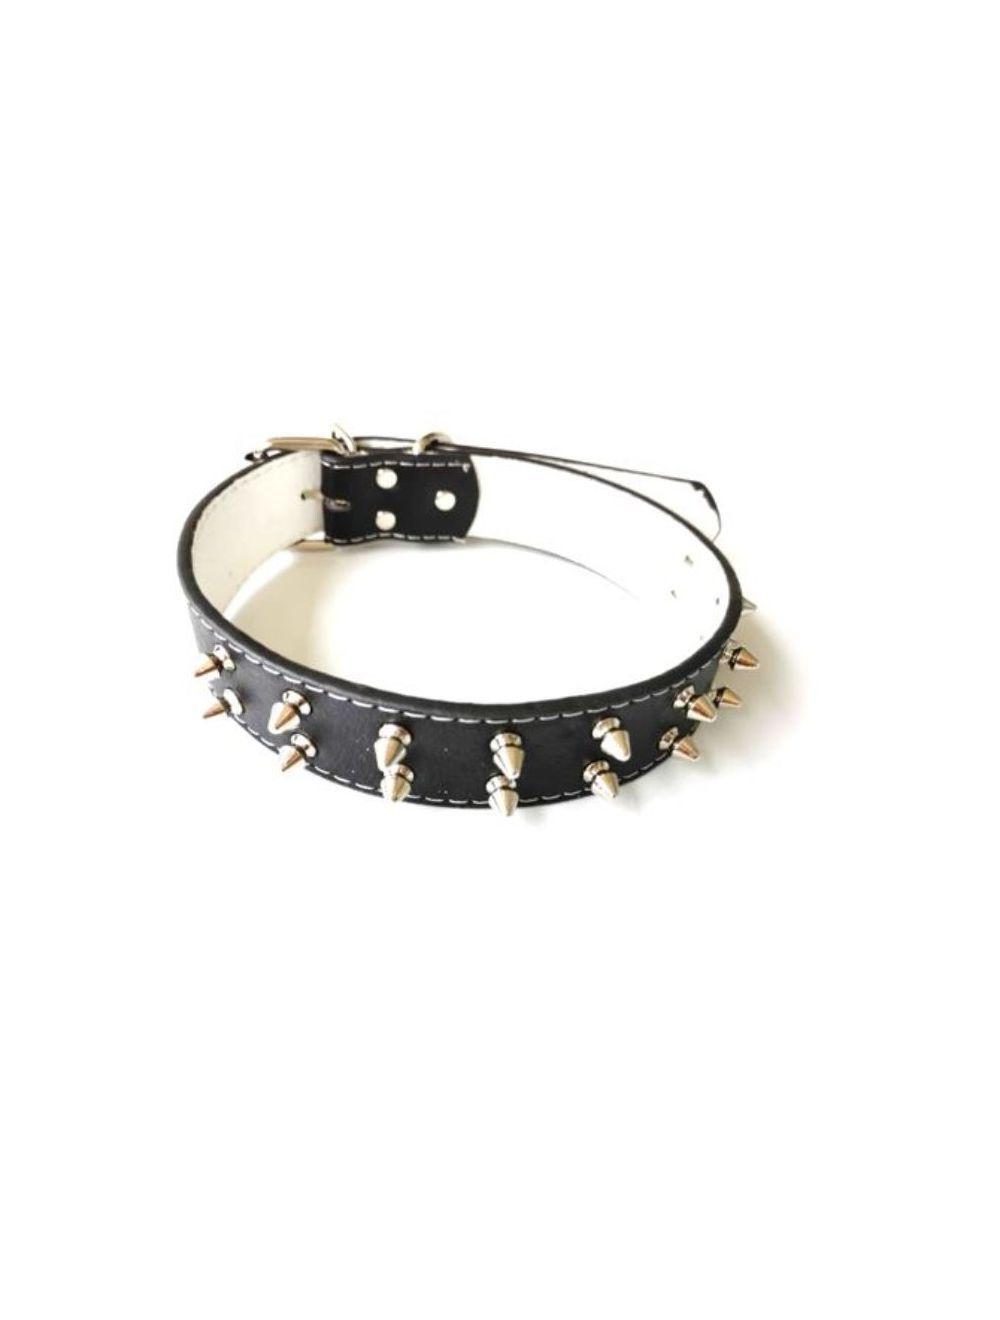 Collar en cuerina con taches color negro - Ciudaddemascotas.com